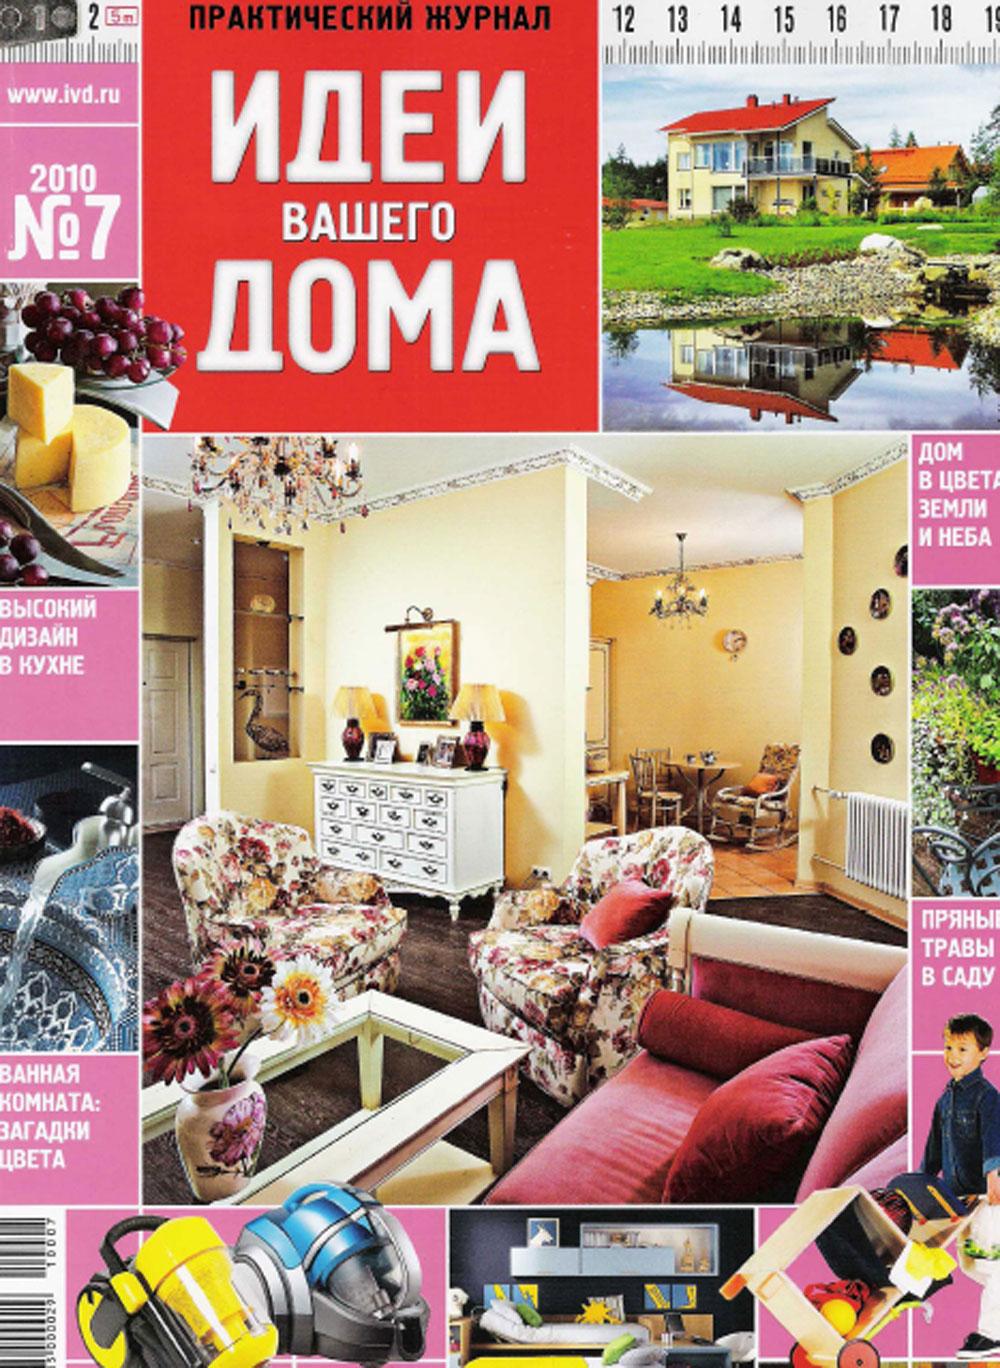 Наш интерьер в журнале «Идеи Вашего Дома», июль, 2010